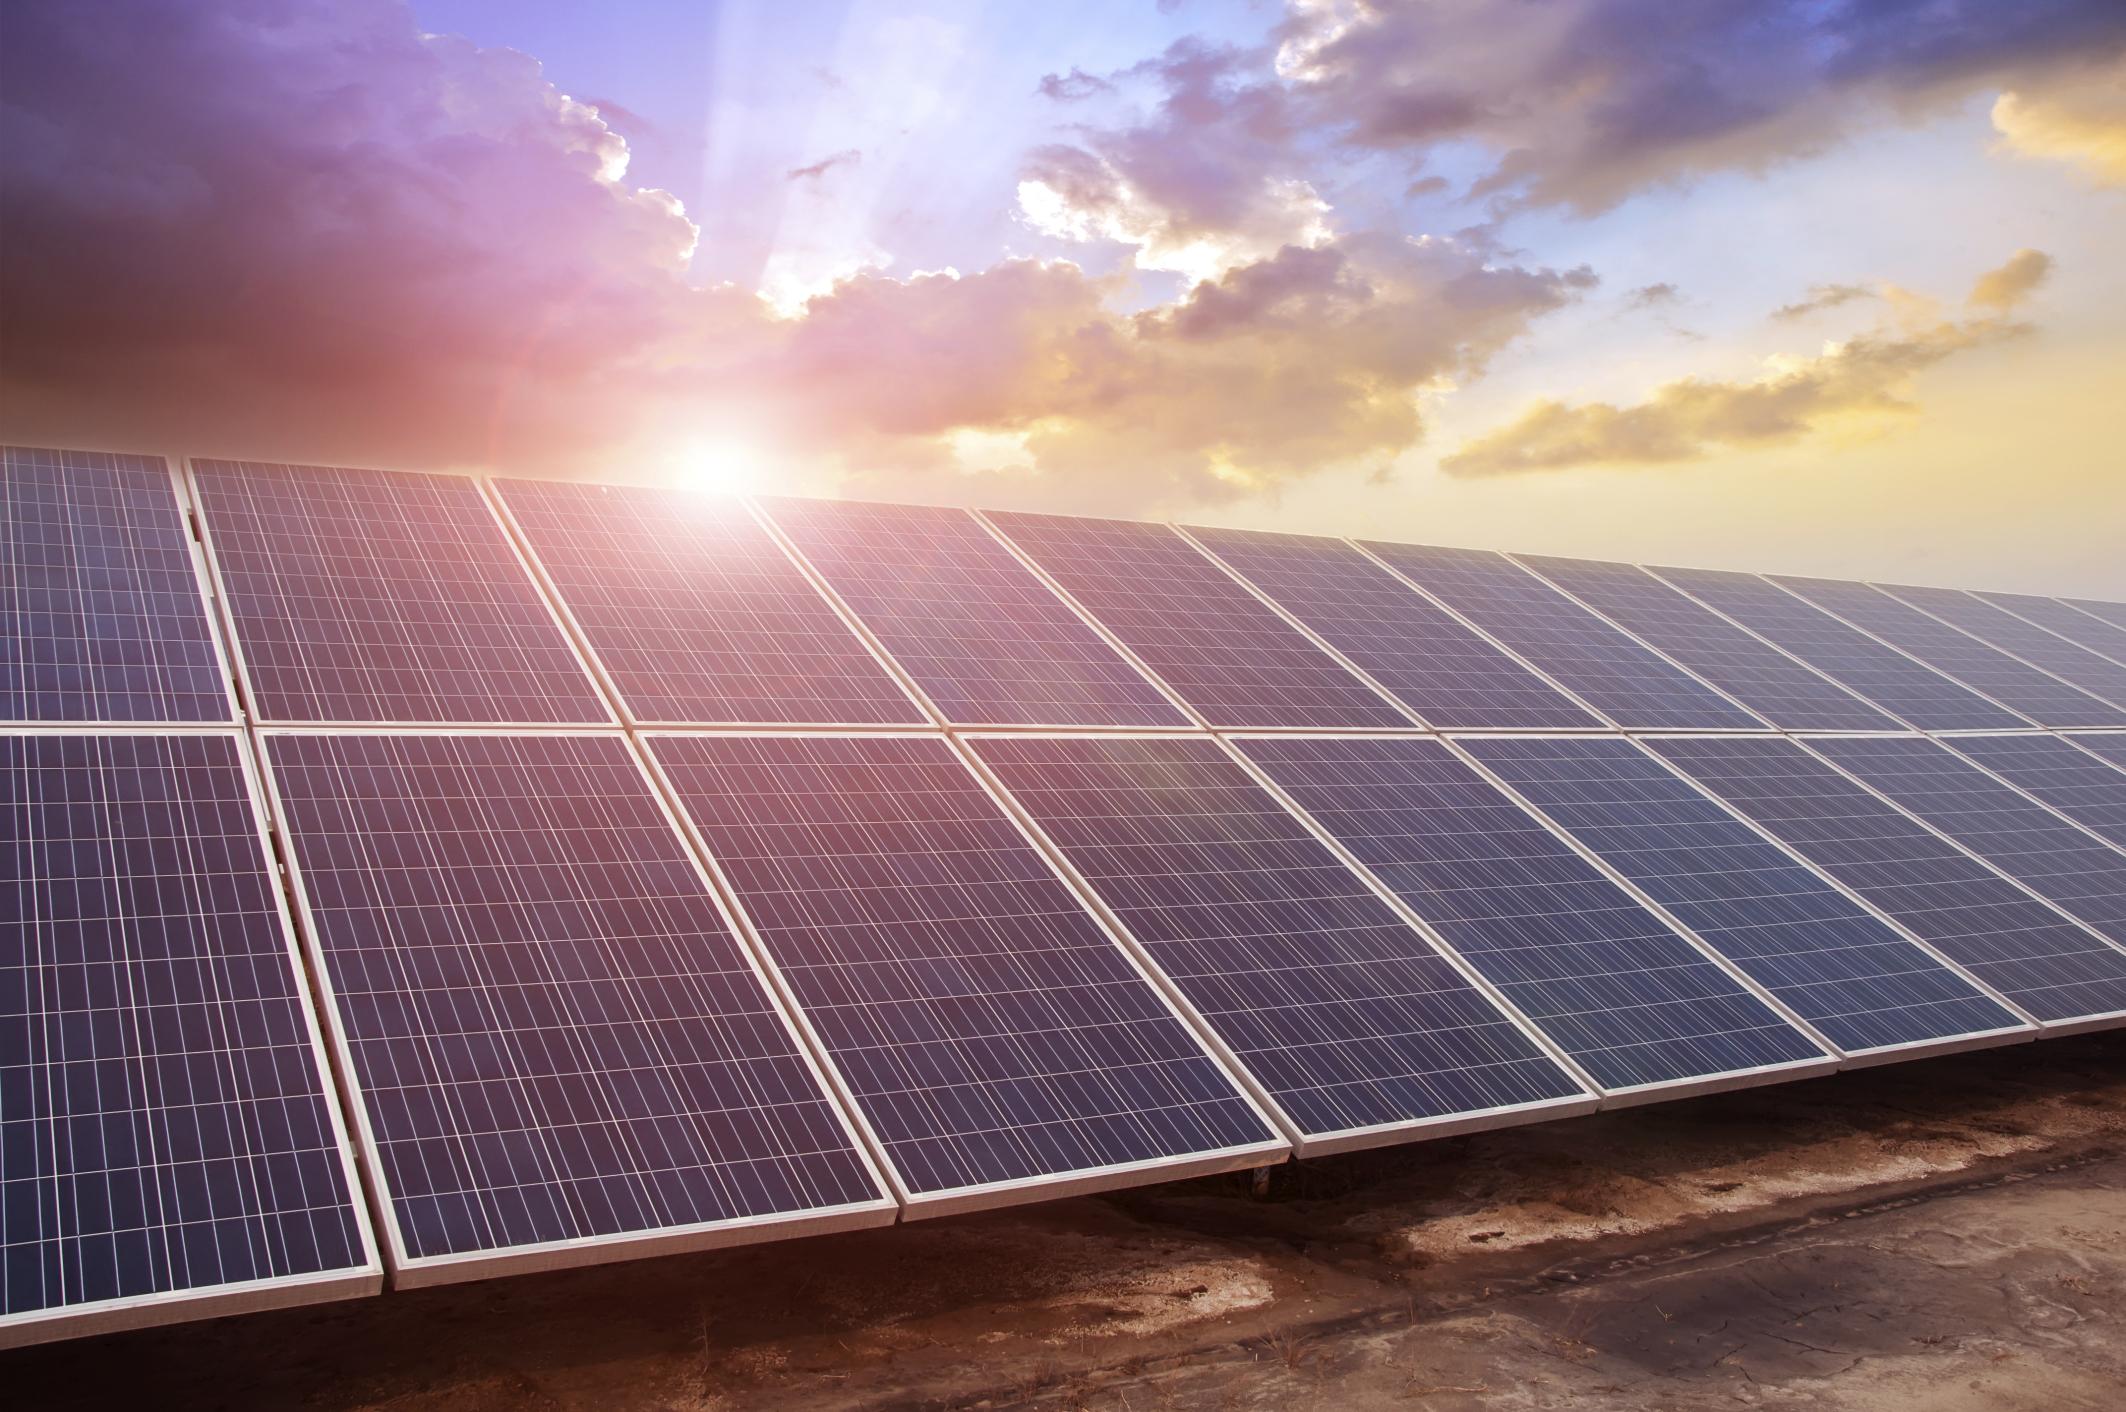 Как работают солнечные батареи: принцип, устройство, материалы